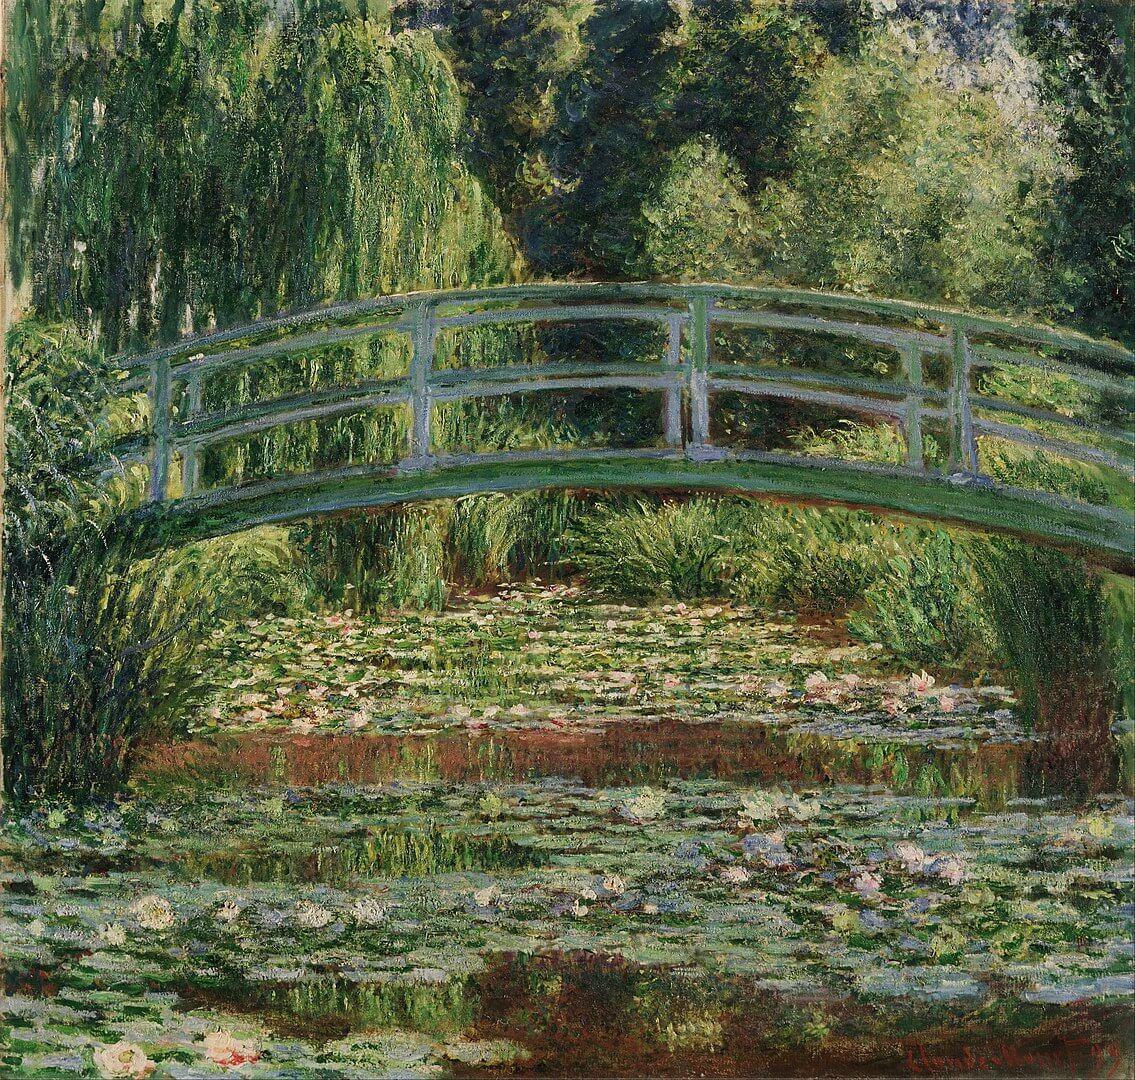 ジヴェルニーの日本の橋と睡蓮の池 クロード・モネ